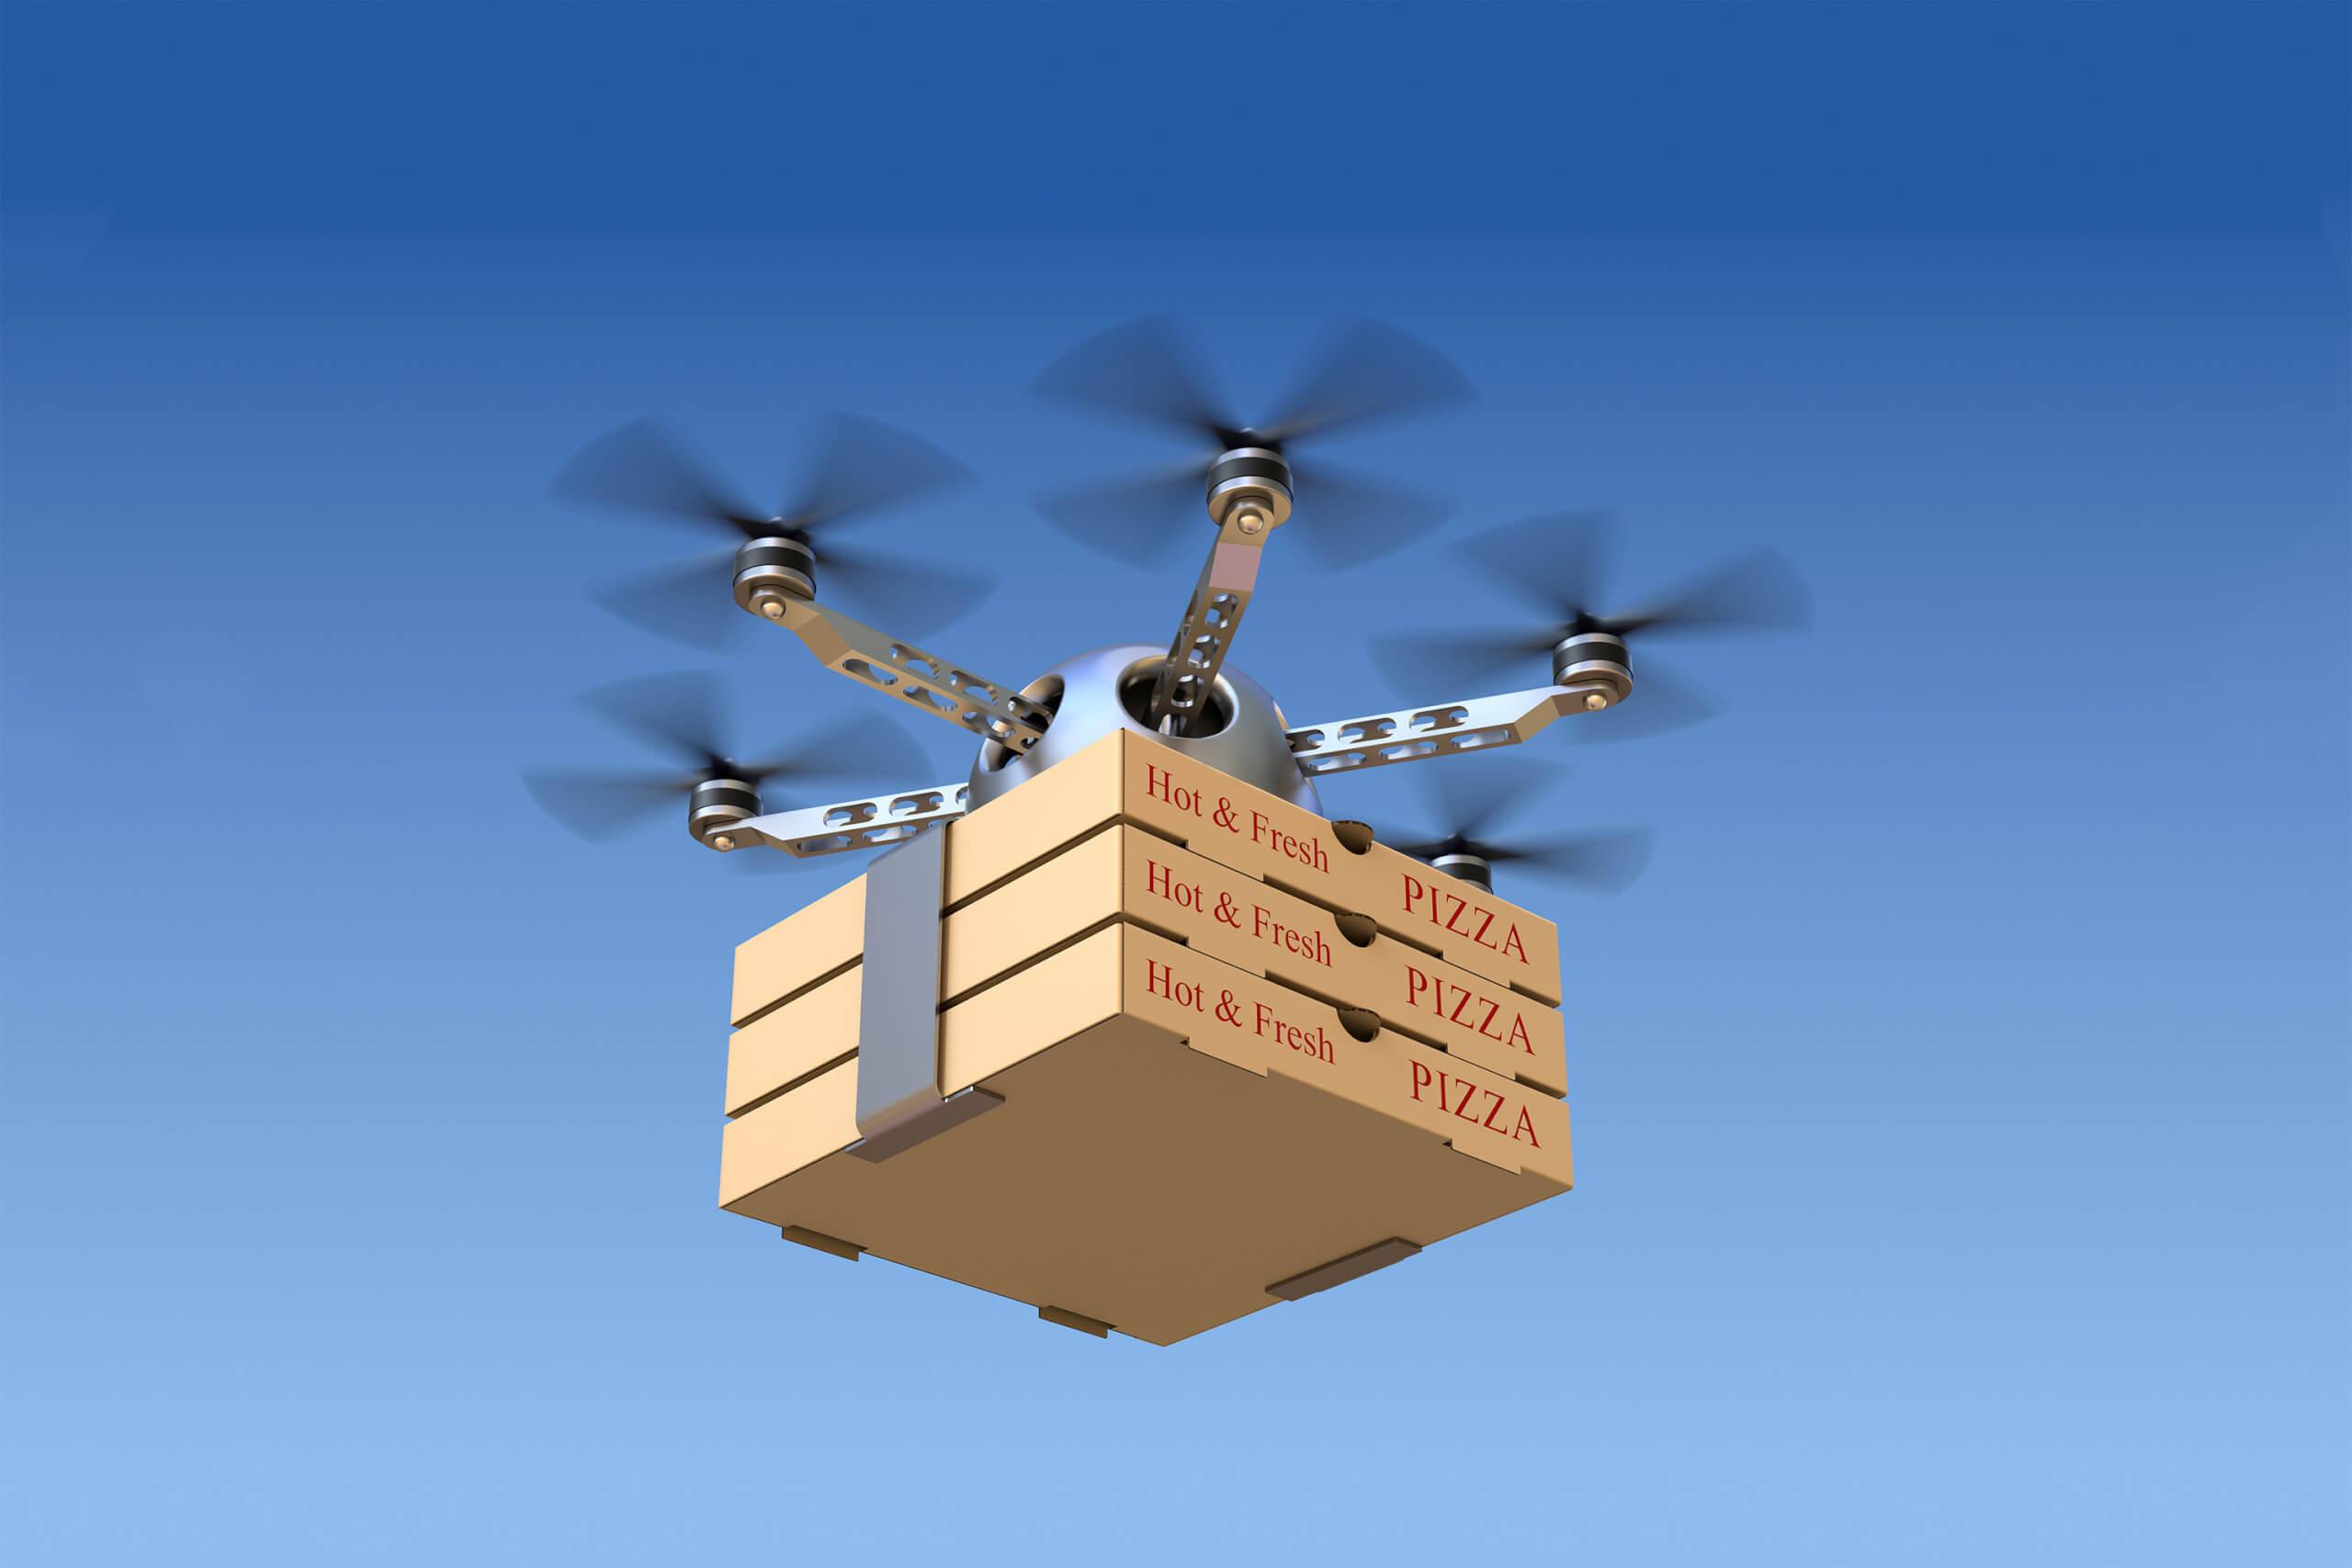 Uso de drones e suas aplicações